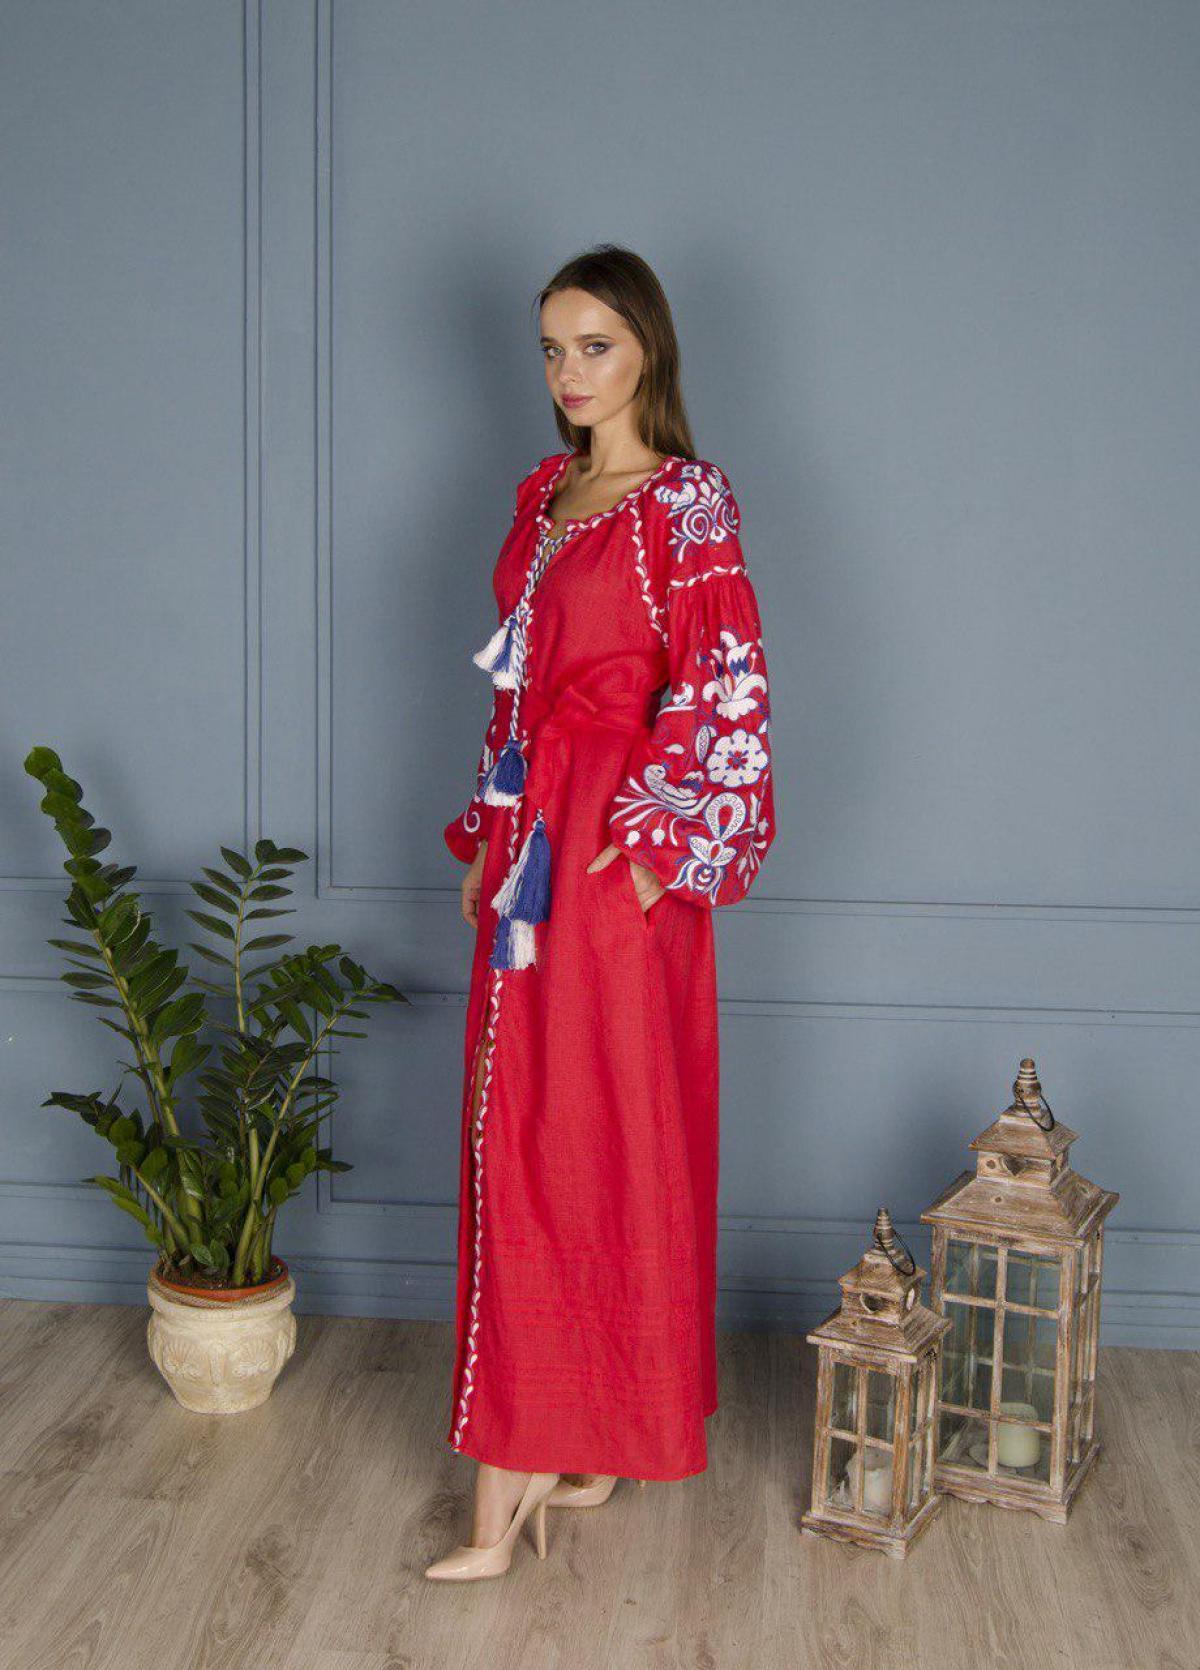 Красное льняное вышитое платье Птицы, длинное. Фото №4. | Народный дом Украина